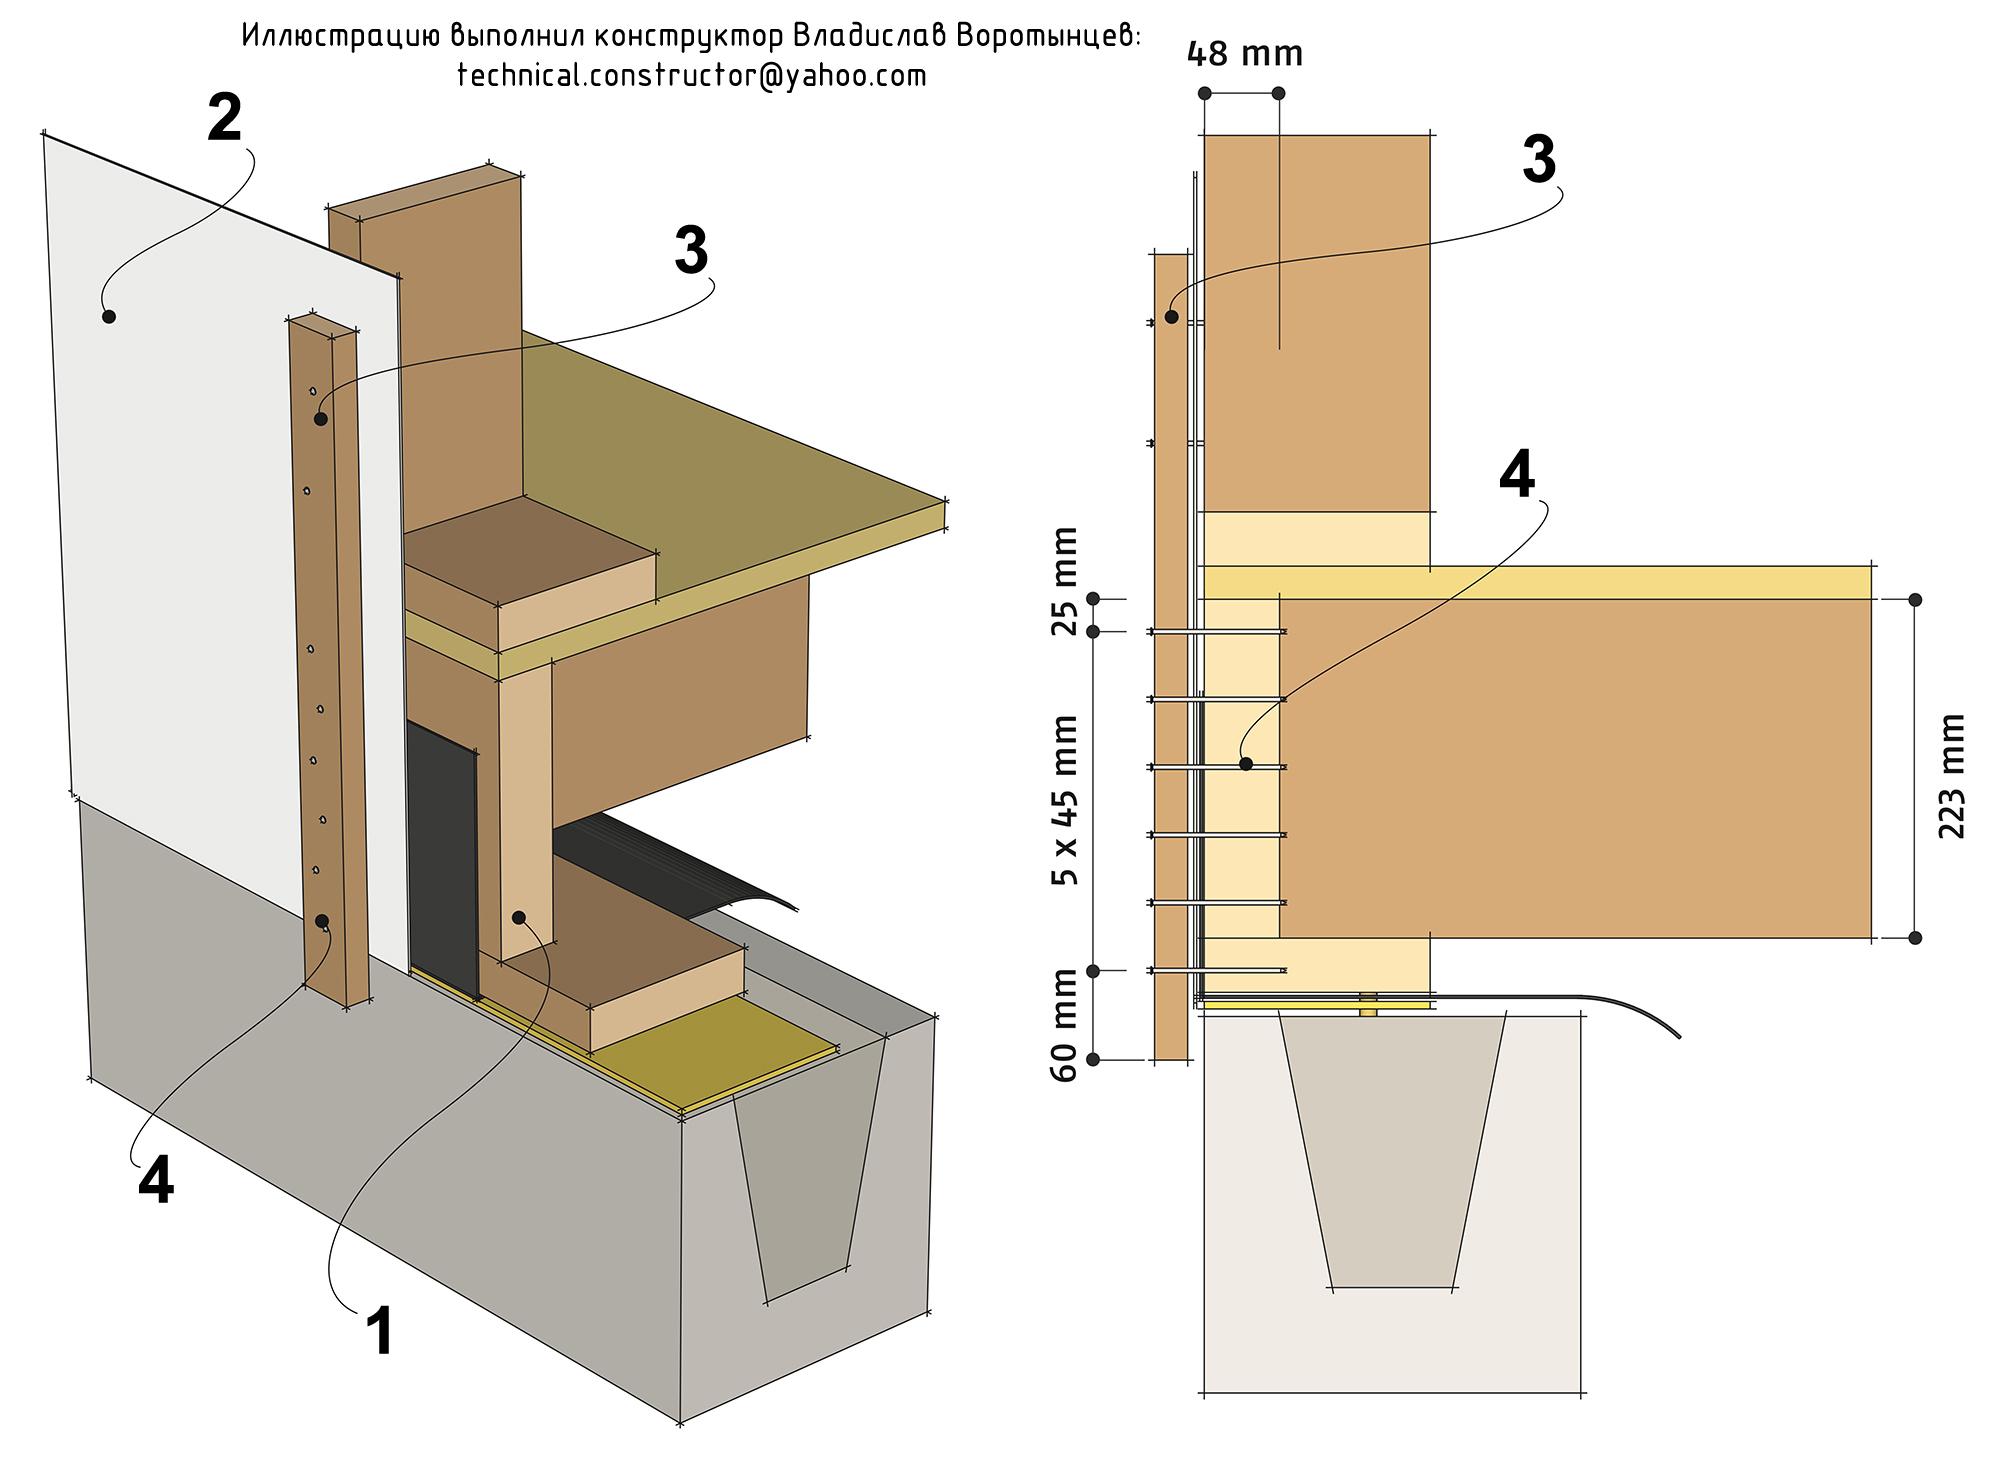 Рис. 9.35 Анкеровка деревянных каркасных стен к цокольному перекрытию с помощью деревянных реек